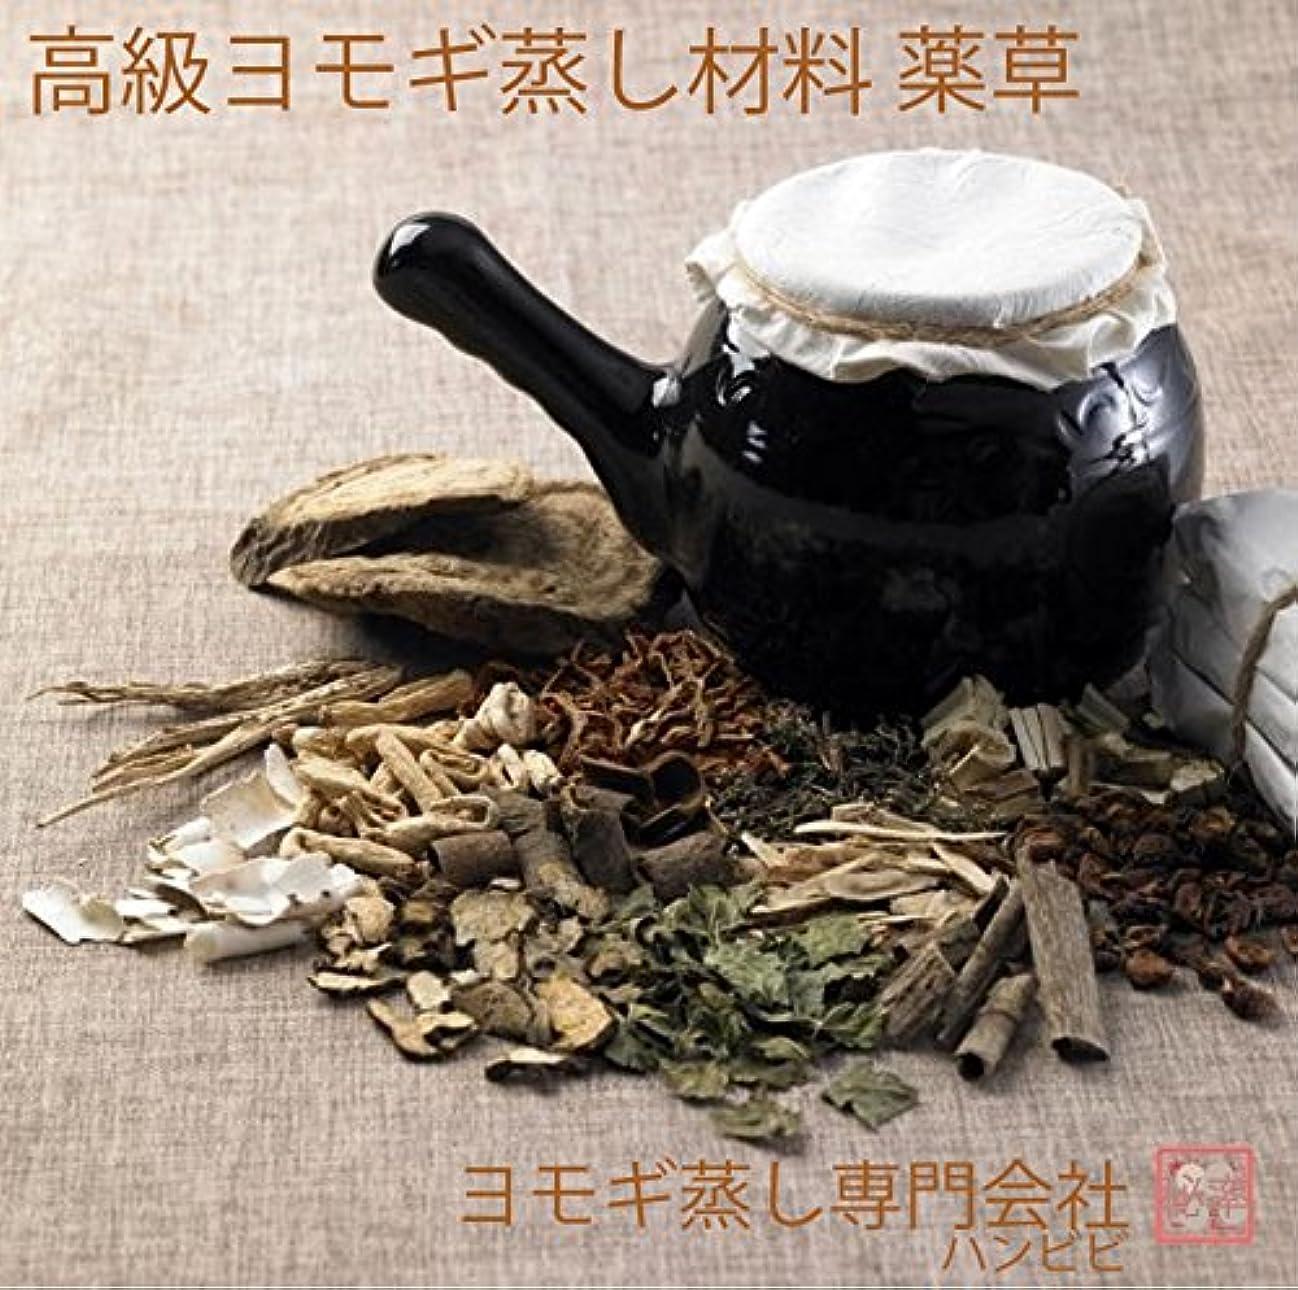 れる保安膜蒸しヨモギ薬草、、<美肌美容、ダイエット、婦人子宮健康兼用